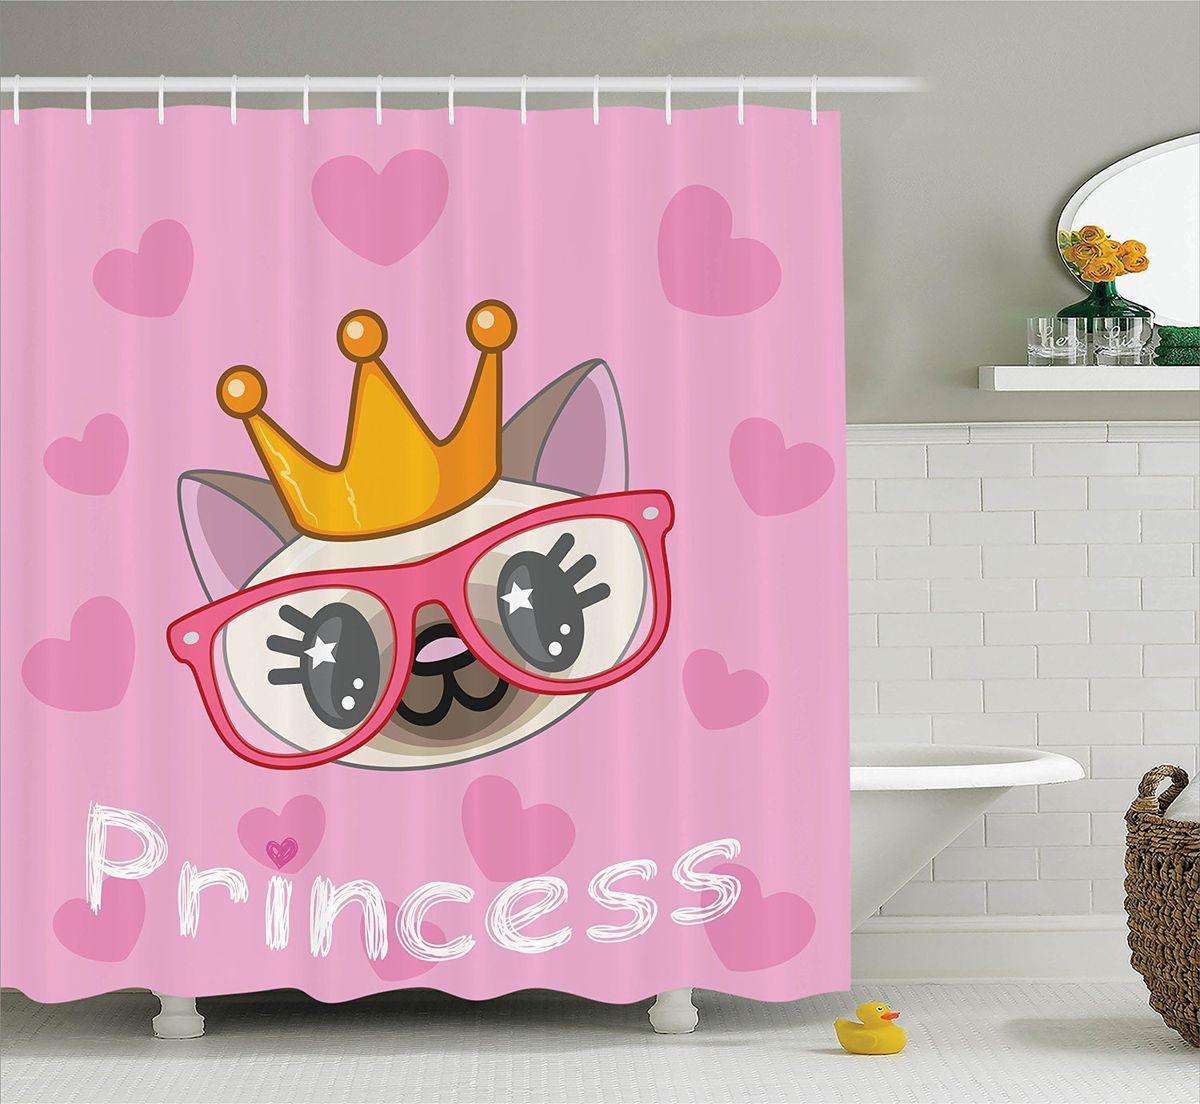 Штора для ванной комнаты Magic Lady Принцесса кошек, 180 х 200 смSWC-70-23Штора Magic Lady Принцесса кошек, изготовленная из высококачественного сатена (полиэстер 100%), отлично дополнит любой интерьер ванной комнаты. При изготовлении используются специальные гипоаллергенные чернила для прямой печати по ткани, безопасные для человека.В комплекте: 1 штора, 12 крючков. Обращаем ваше внимание, фактический цвет изделия может незначительно отличаться от представленного на фото.